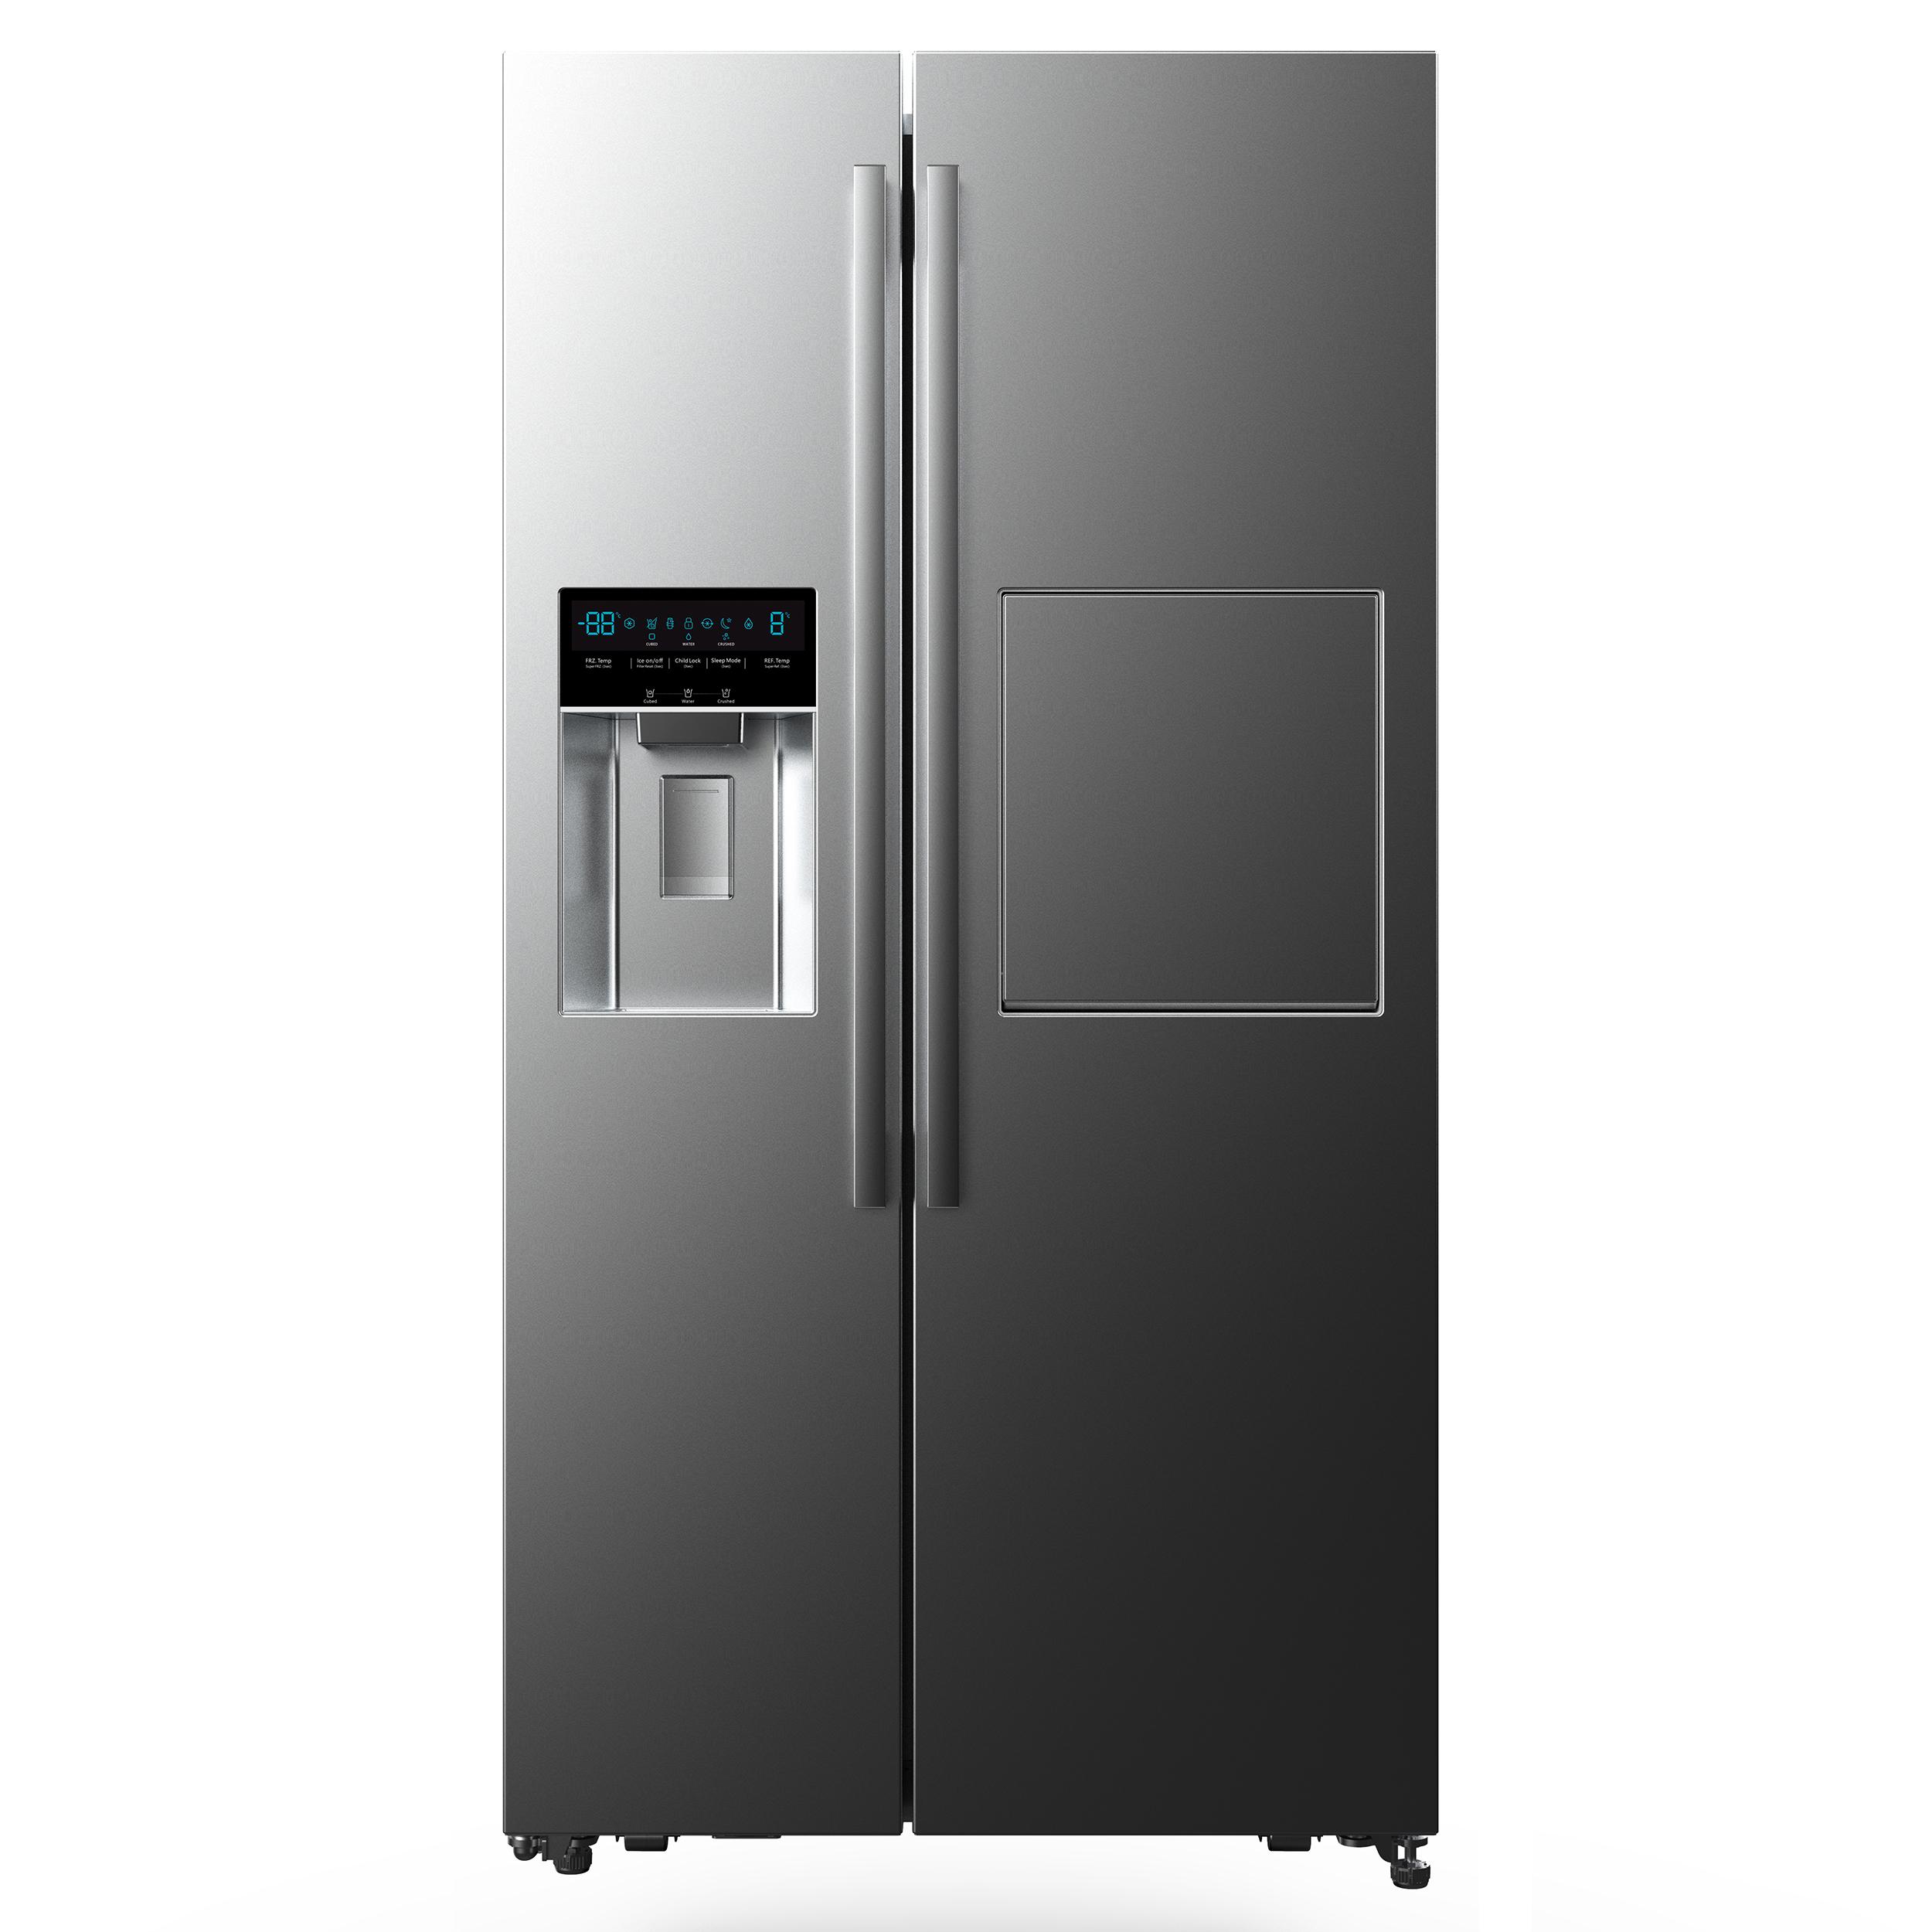 فروش نقدی و اقساطی یخچال و فریز ساید بای ساید دوو مدل D4S-2915SS